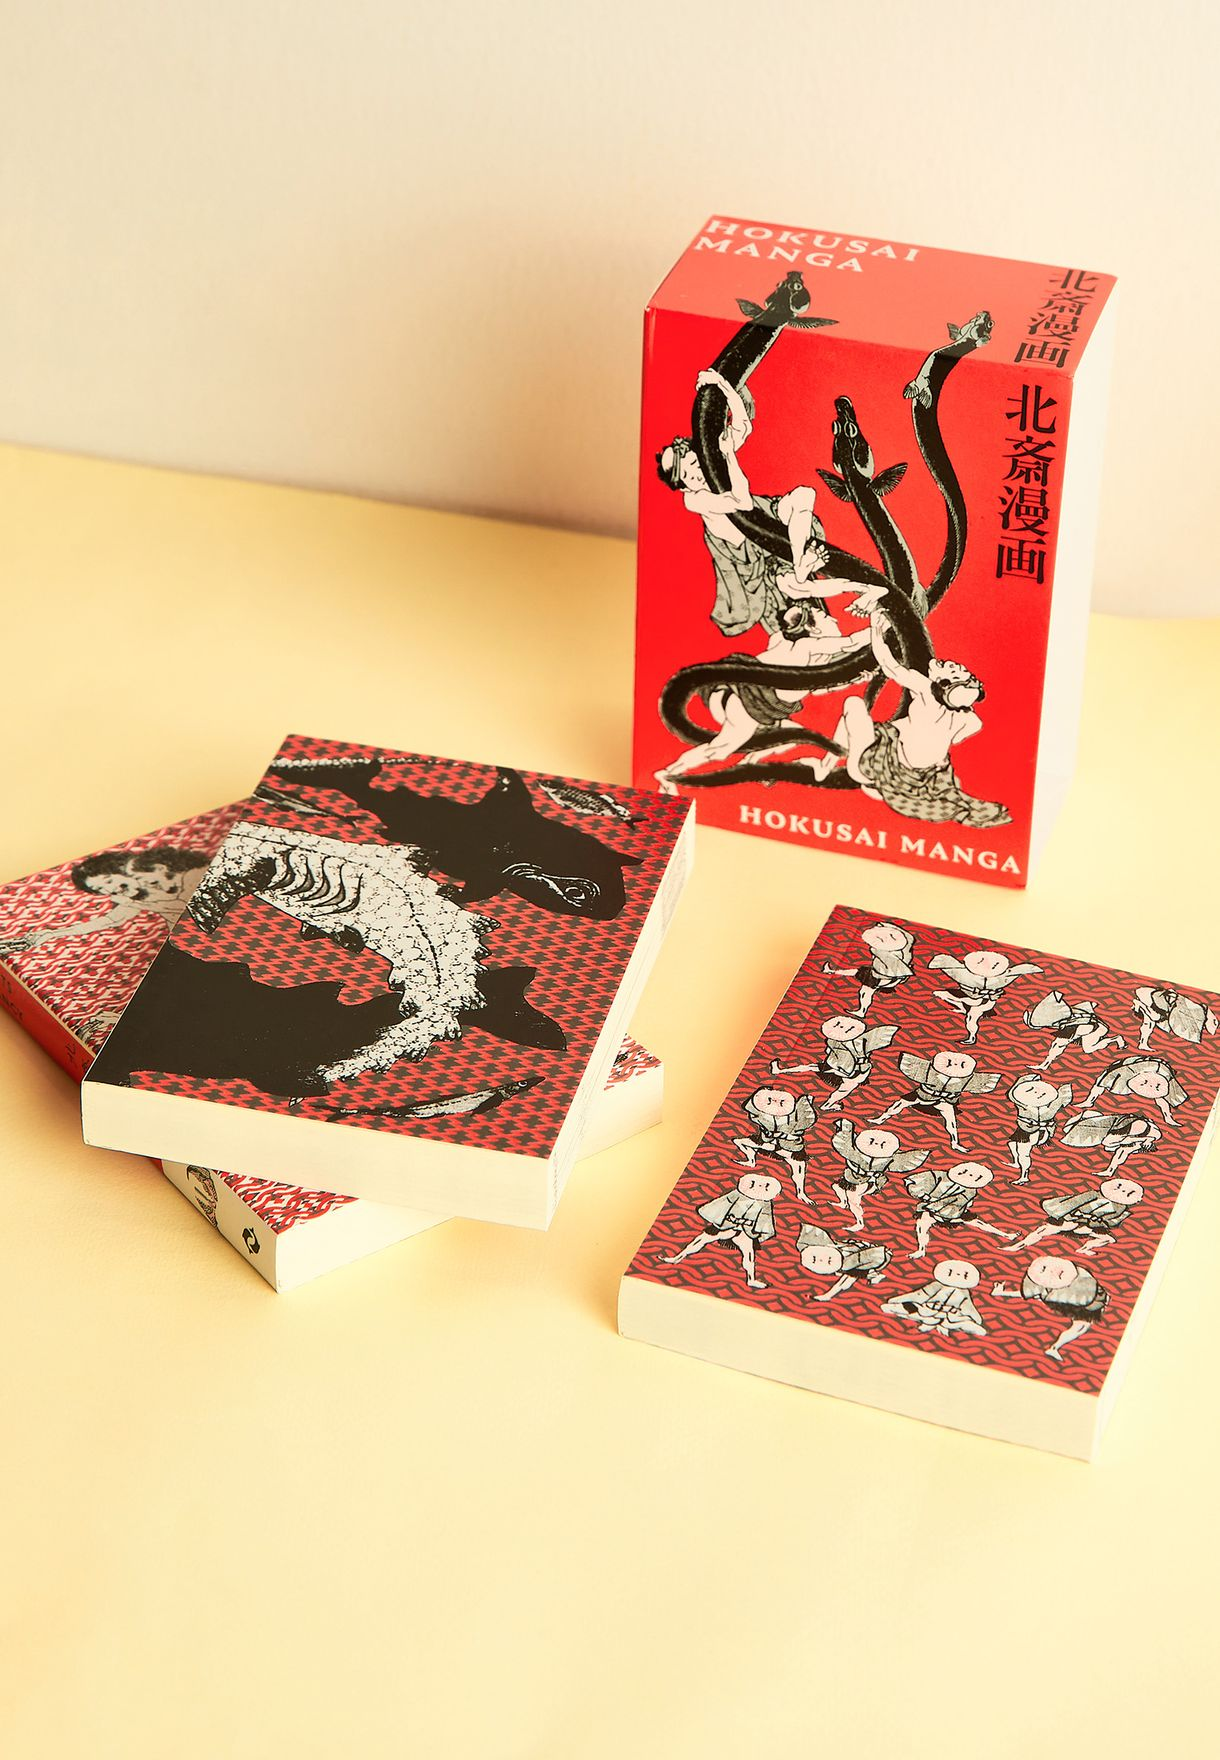 رسومات هوكوساي مانغا